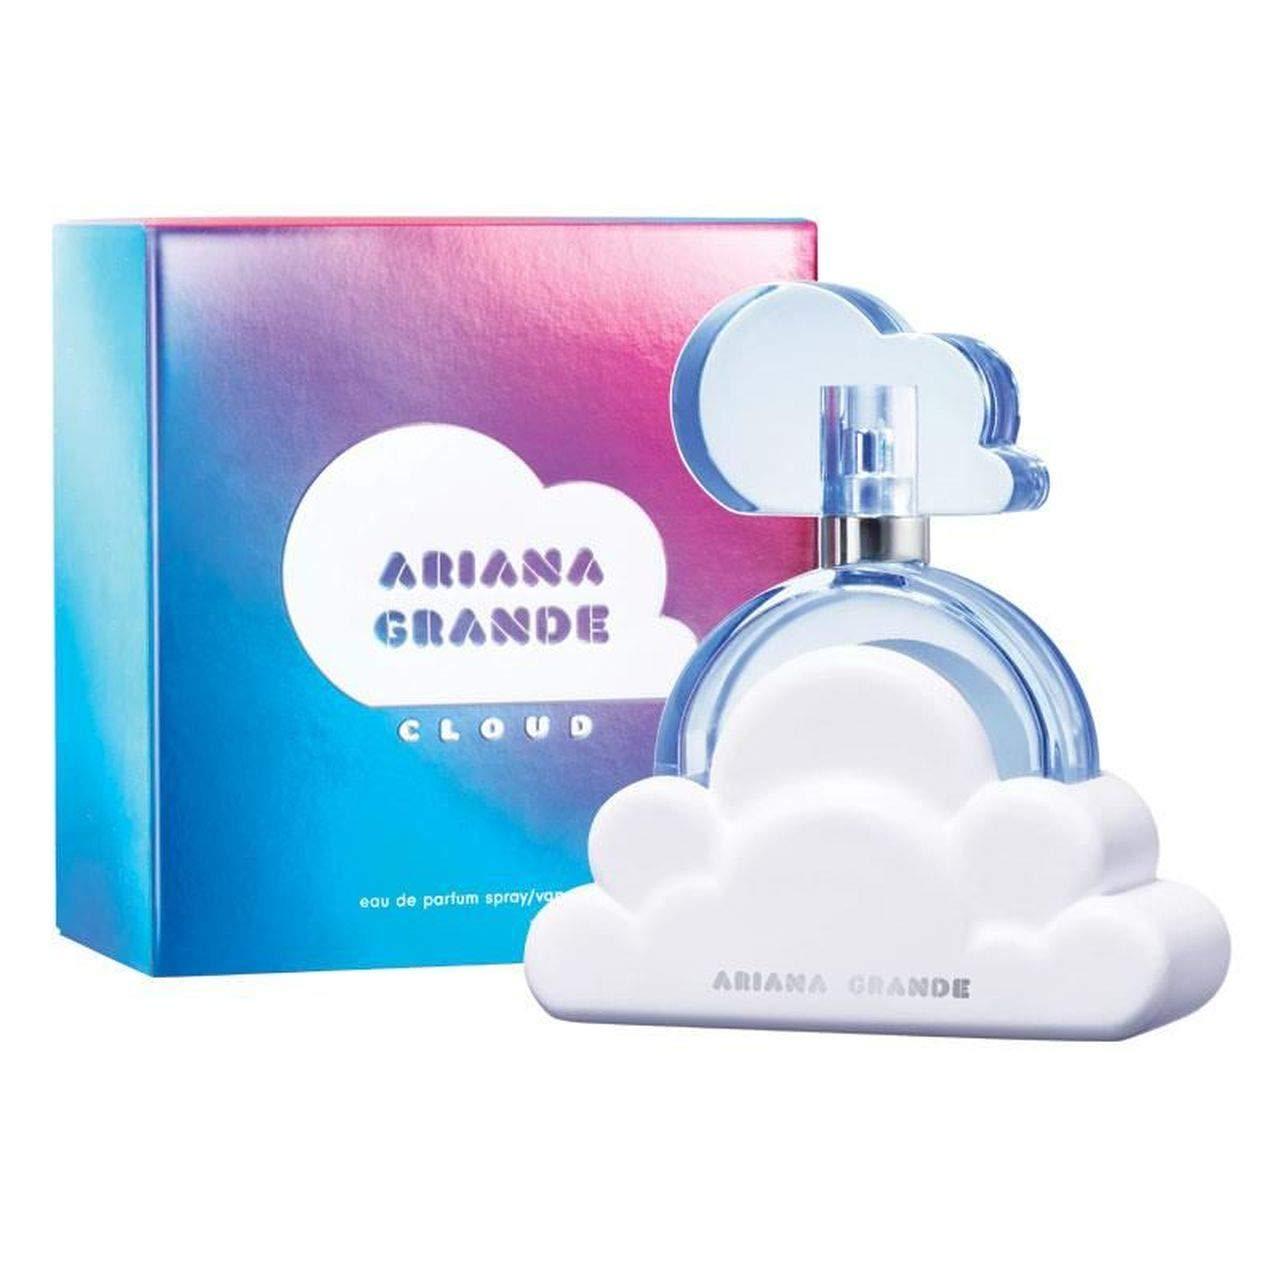 ariana grande cloud parfum 100 ml